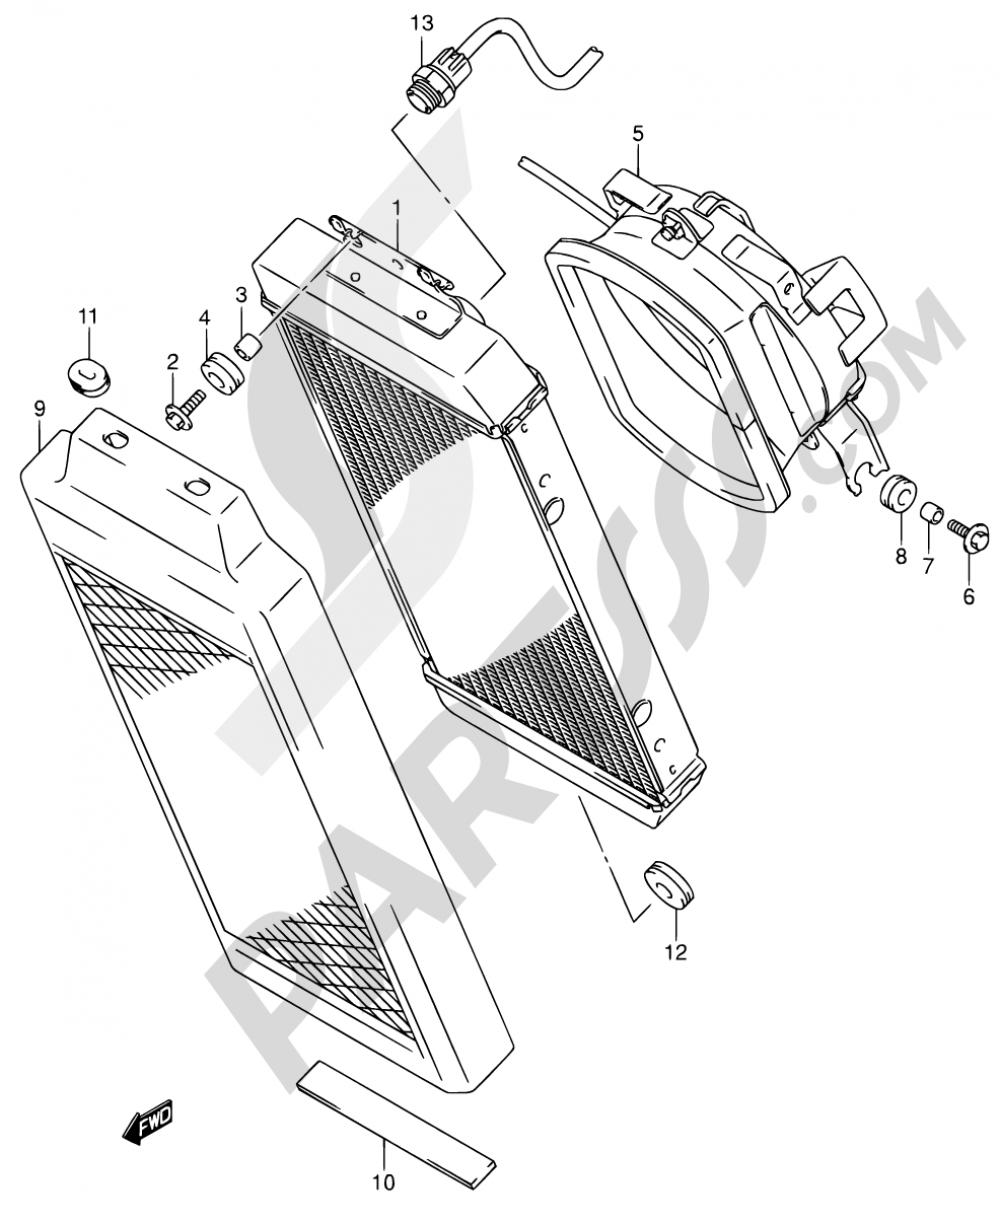 16 - RADIATOR Suzuki INTRUDER VL800 2002